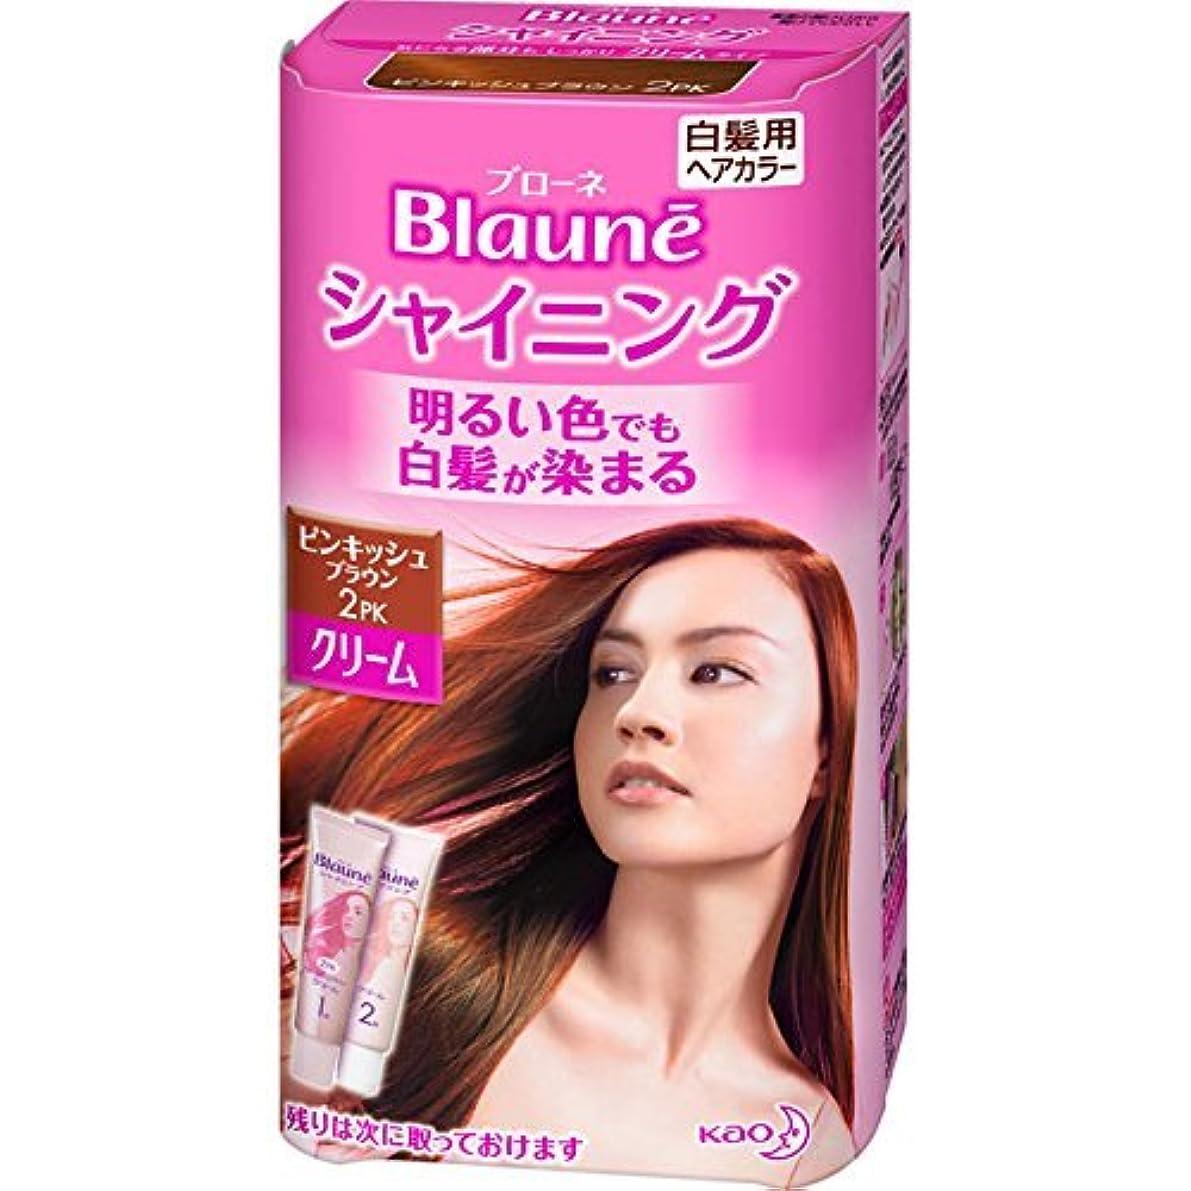 けがをする勝利したノーブル花王 ブローネ シャイニングヘアカラー クリーム 2PK 1剤50g/2剤50g(医薬部外品)《各50g》